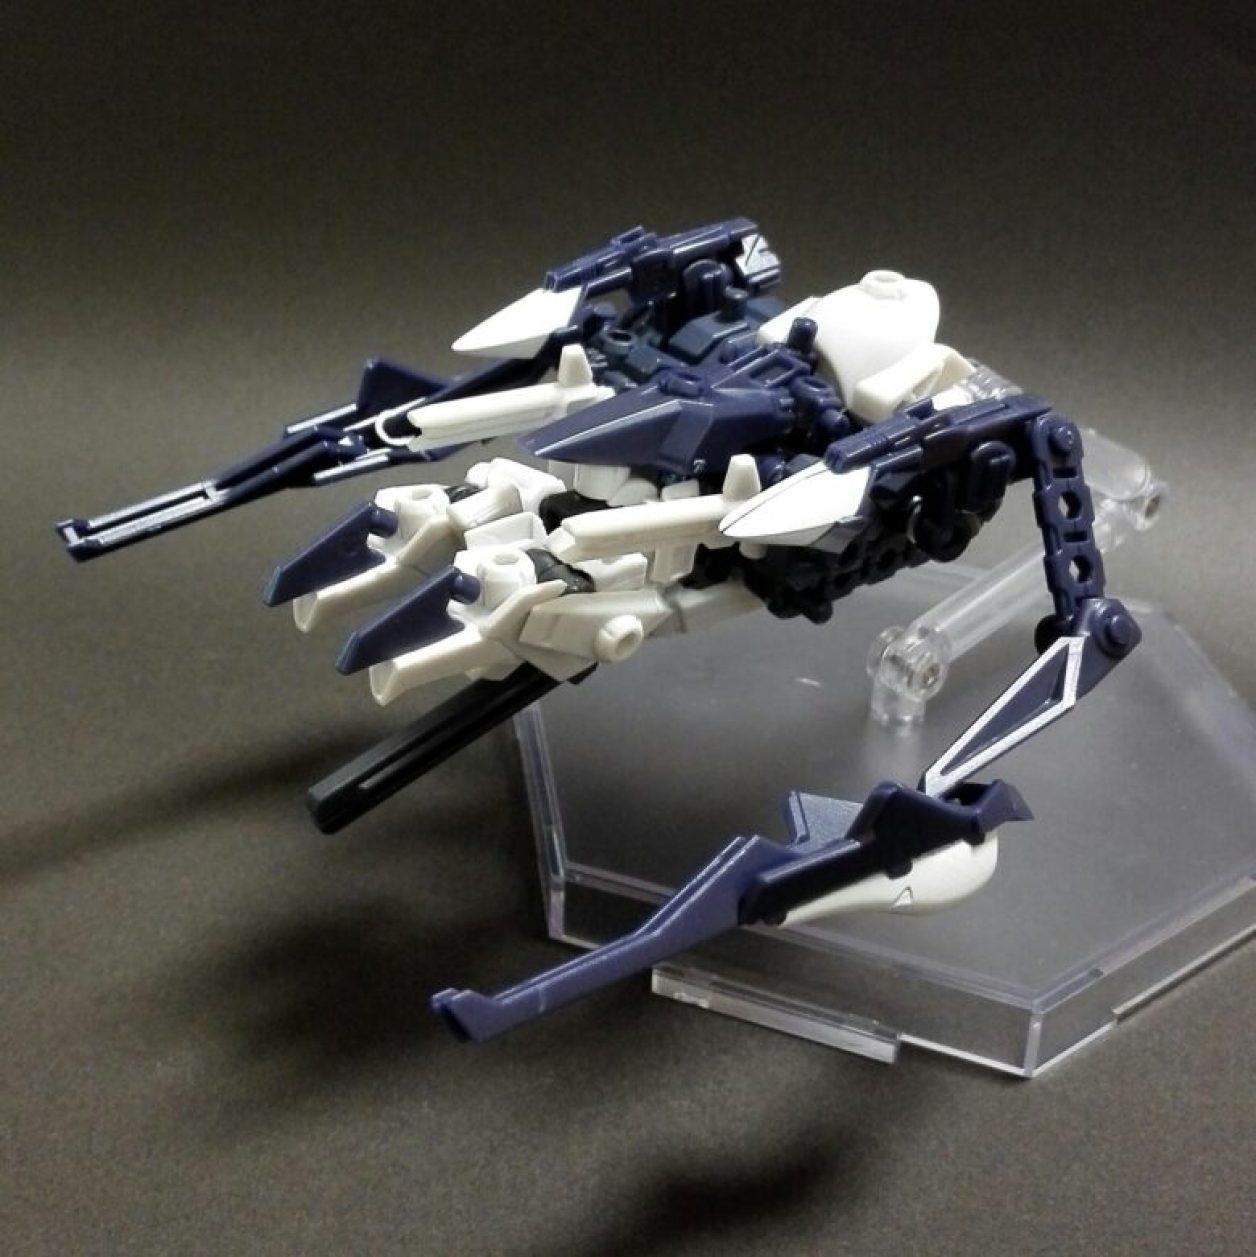 MOBILE SUIT ENSEMBLE 08弾のハイゼンスレイIIとフルドドIIと武器セットの組み合わせから作ったTR-6ハイゼンスレイII・ラーのMA(モビルアーマー)形態の画像